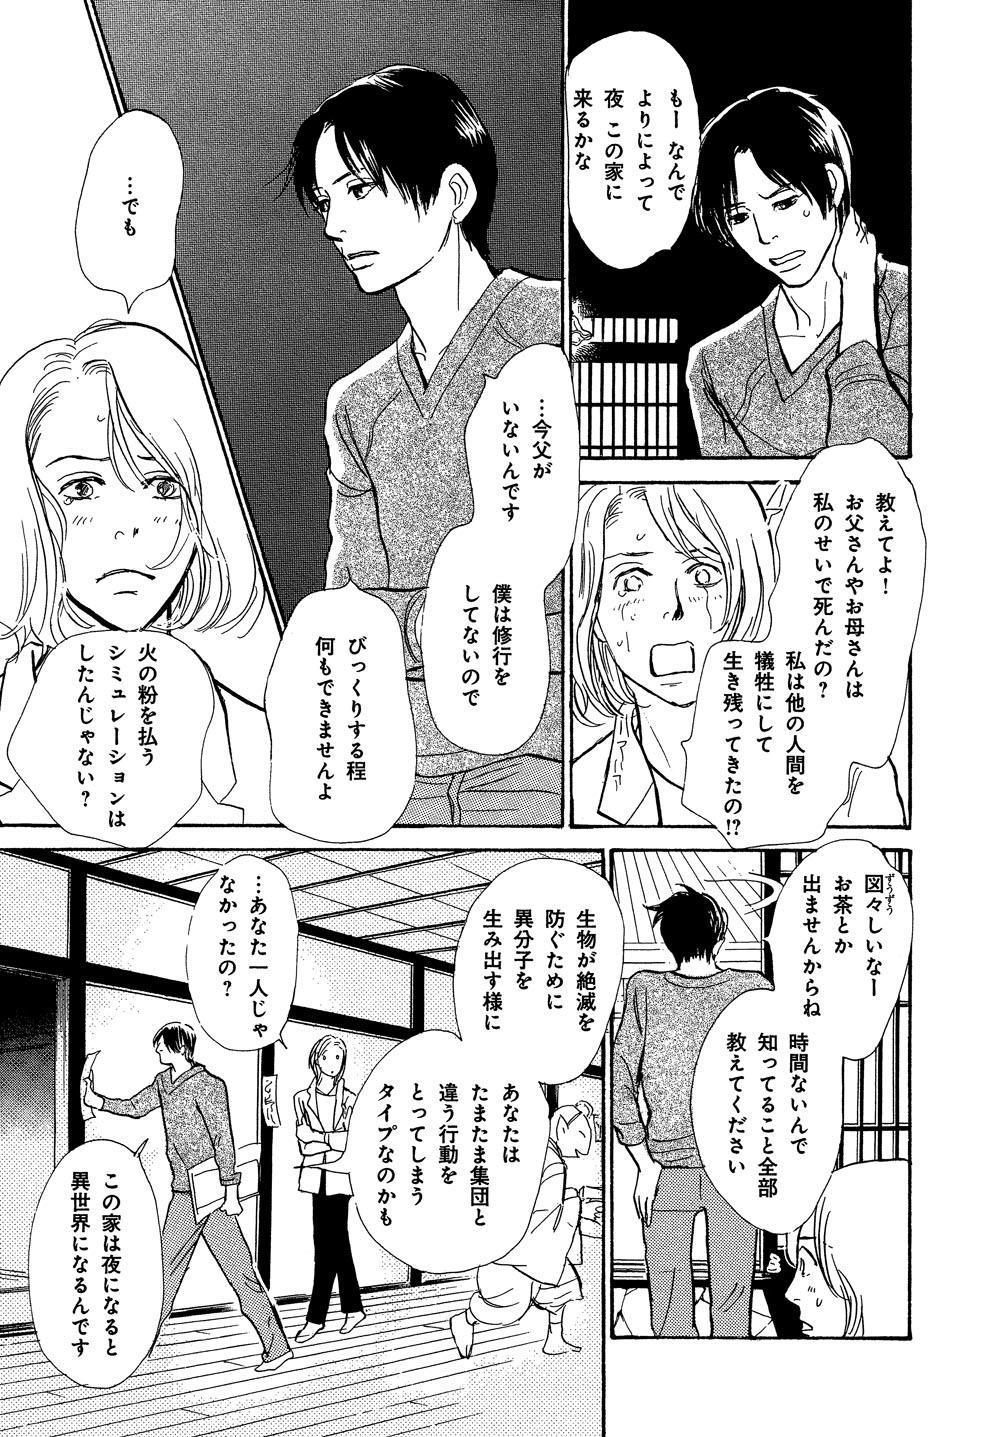 hyakki_0020_0041.jpg